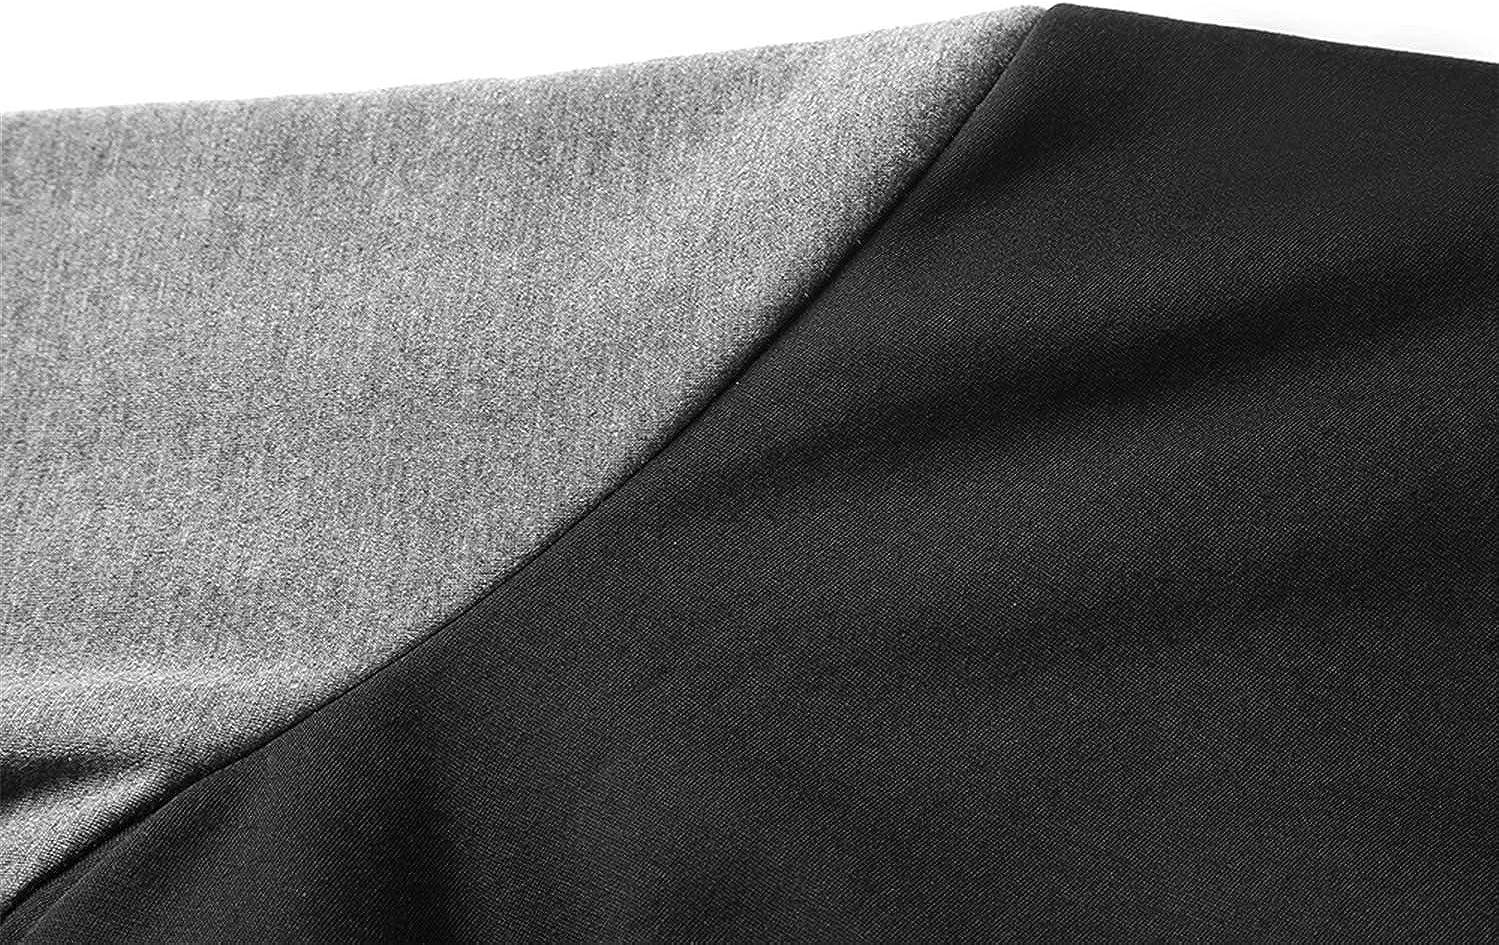 BOBD-DW Cardigan pour Homme De Assortie Et Rembourré De Mens Zipper Hoodie Outwear Tops Pull Blouse Manteaux Veste en Polaire Demon Slayer: Kimetsu no Yaiba A